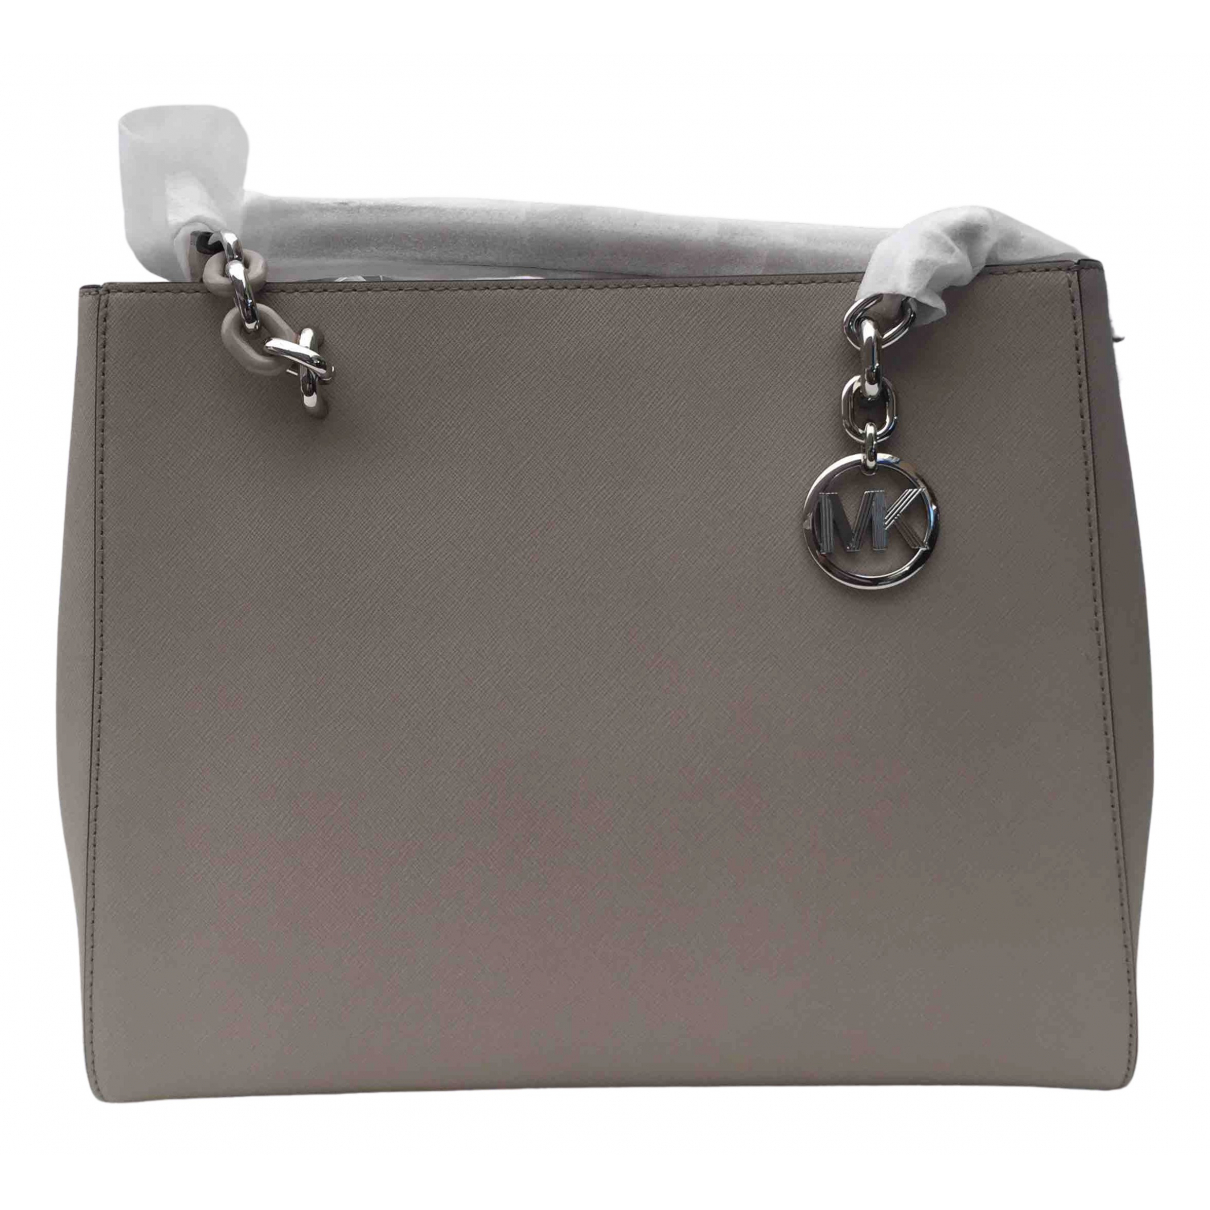 Michael Kors \N Handtasche in  Grau Leder